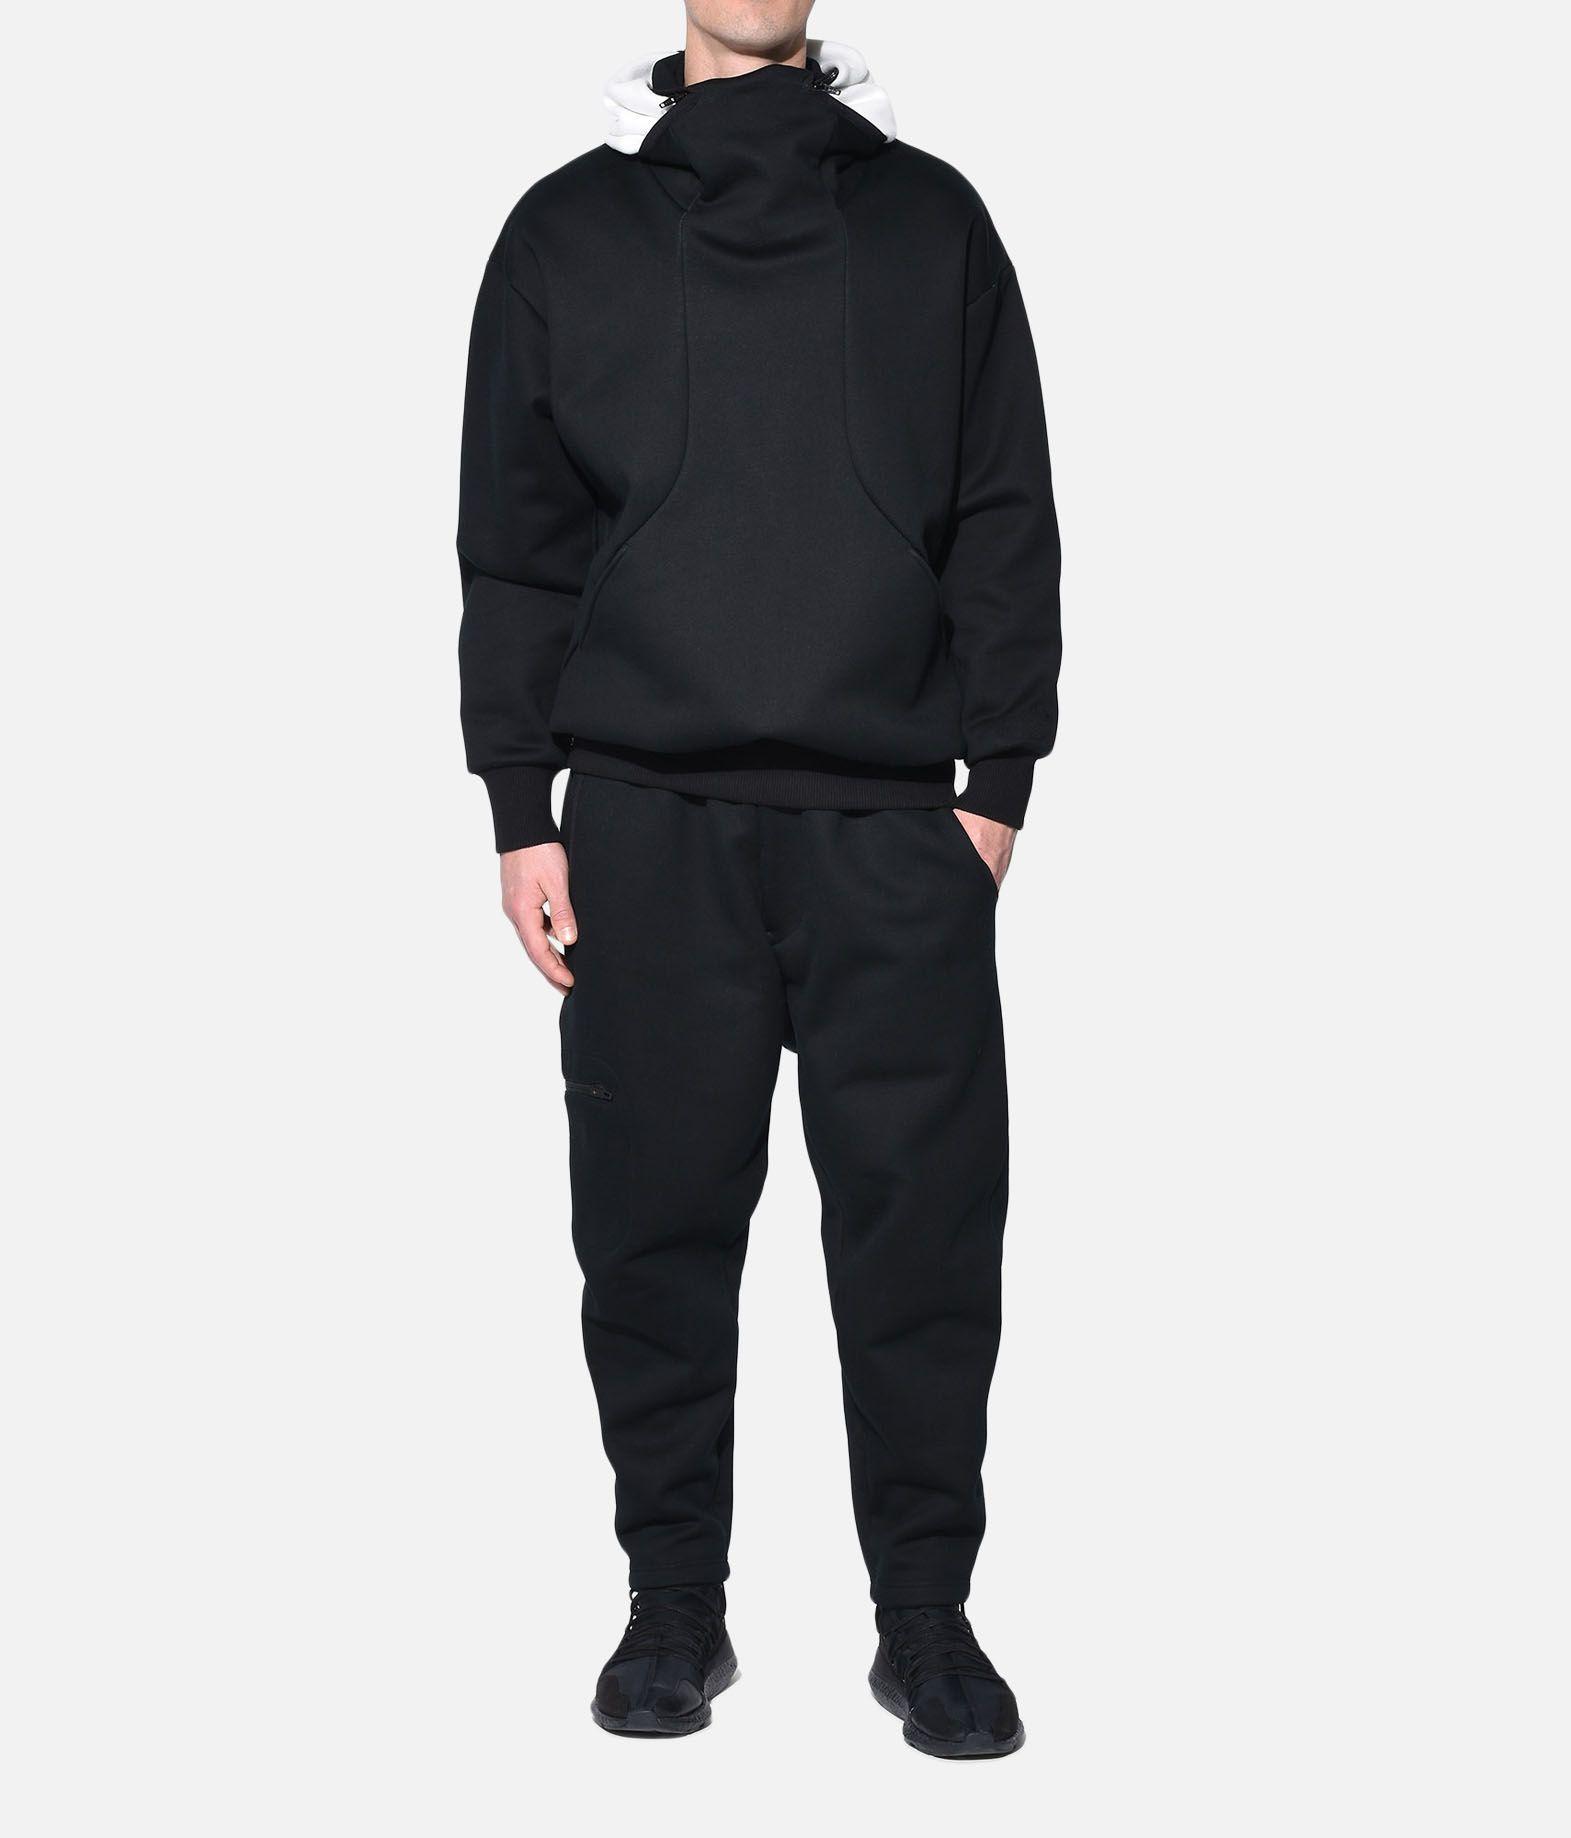 Y-3 Y-3 Binding Hoodie Hooded sweatshirt Man a